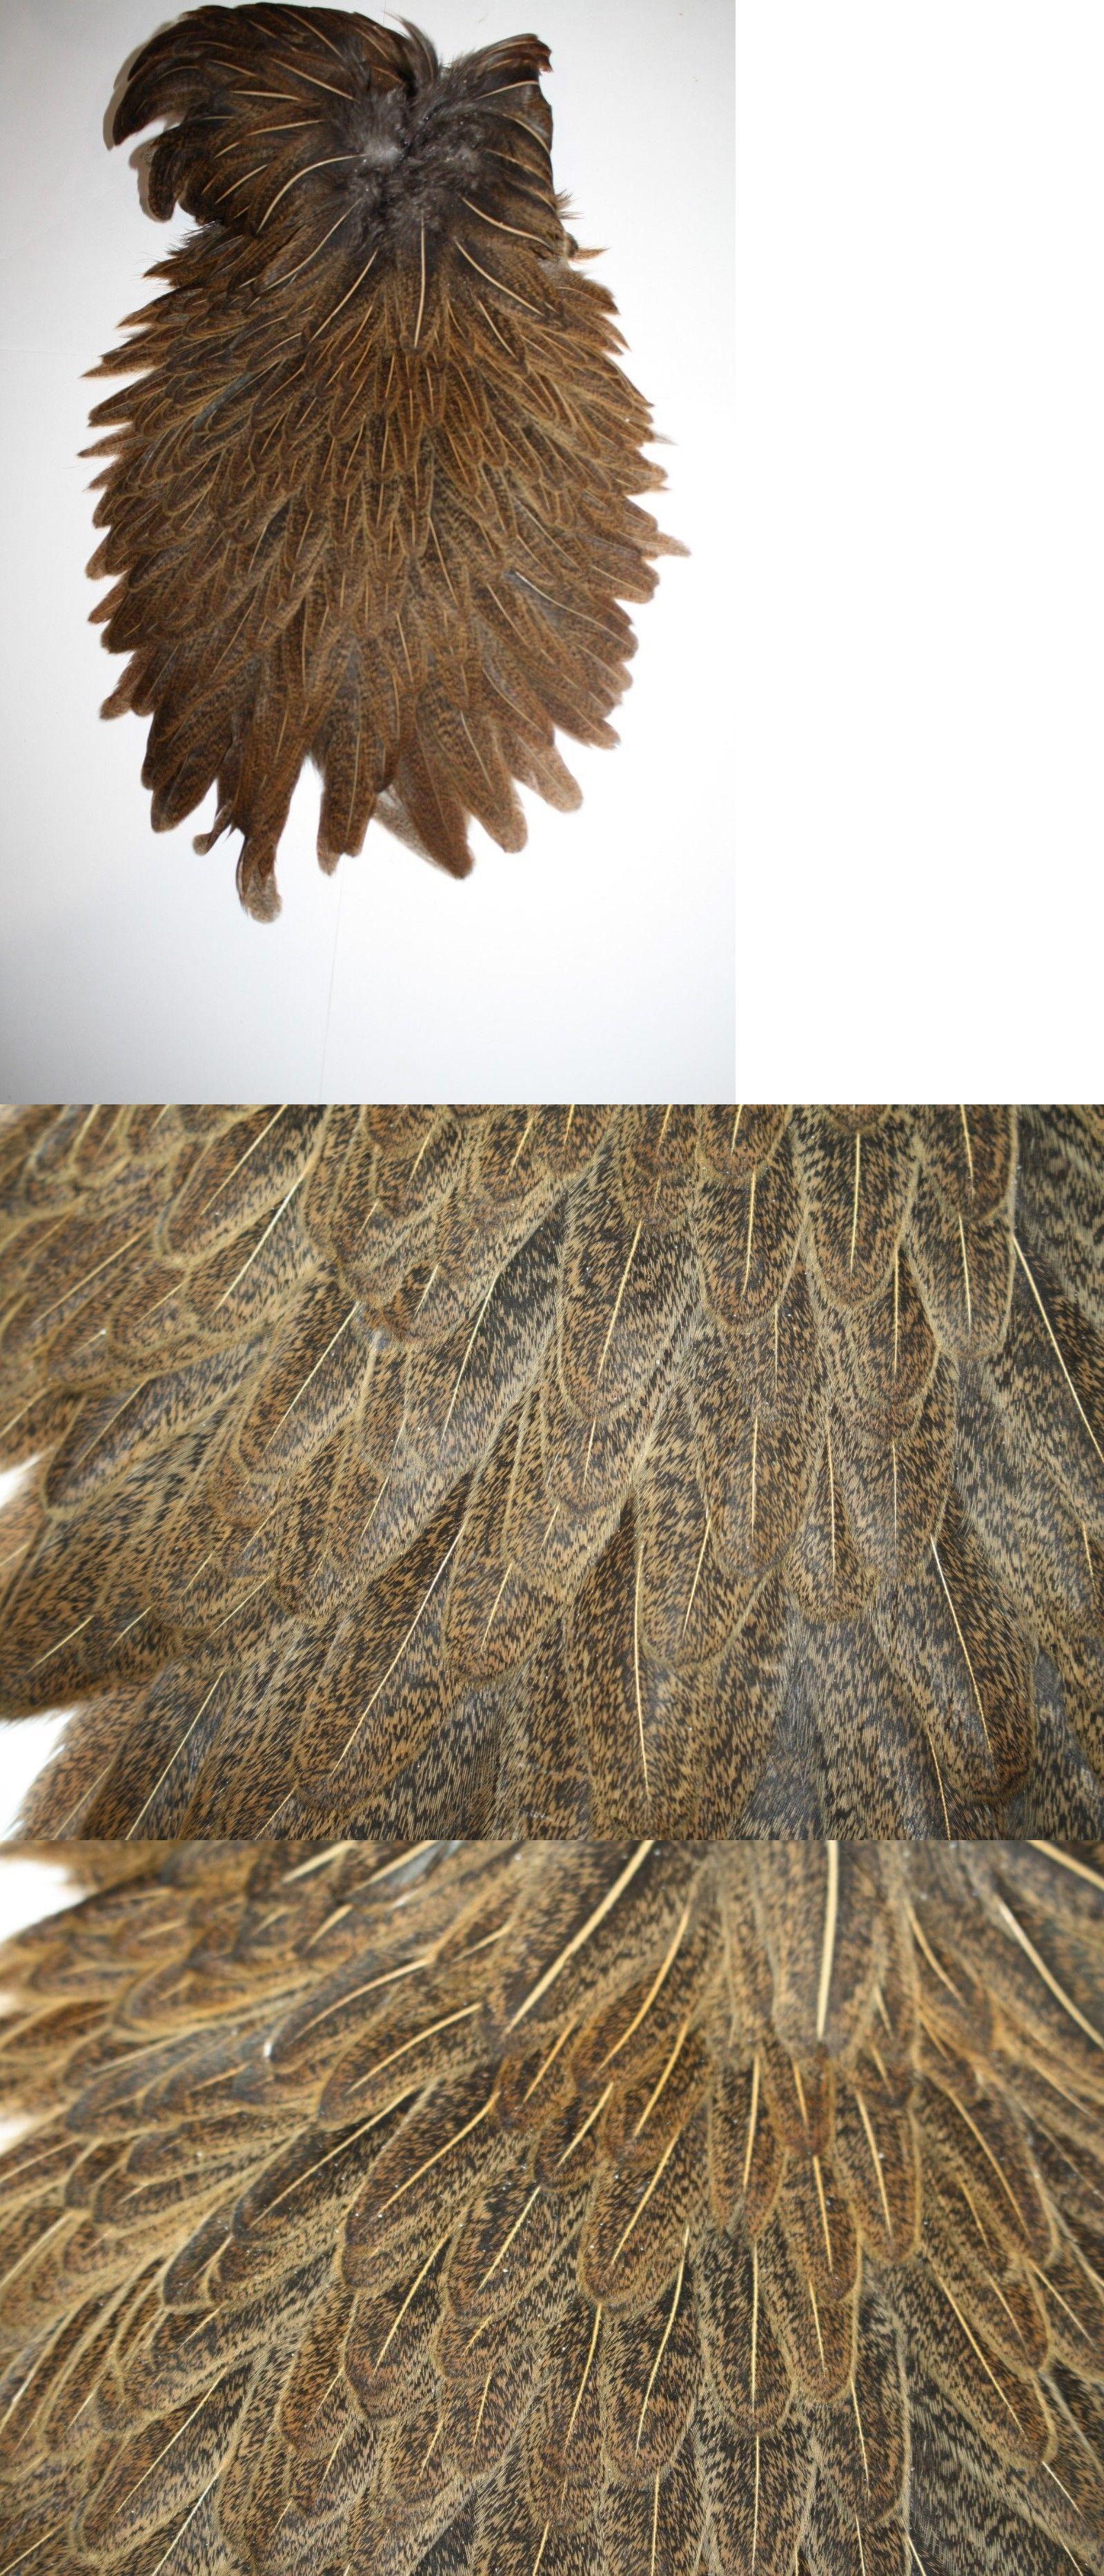 Angelsport-Fliegen-Bindematerialien Angelsport-Köder, -Futtermittel & -Fliegen Fly Tying Whiting Silver Rooster Saddle White dyed Dark Olive #A